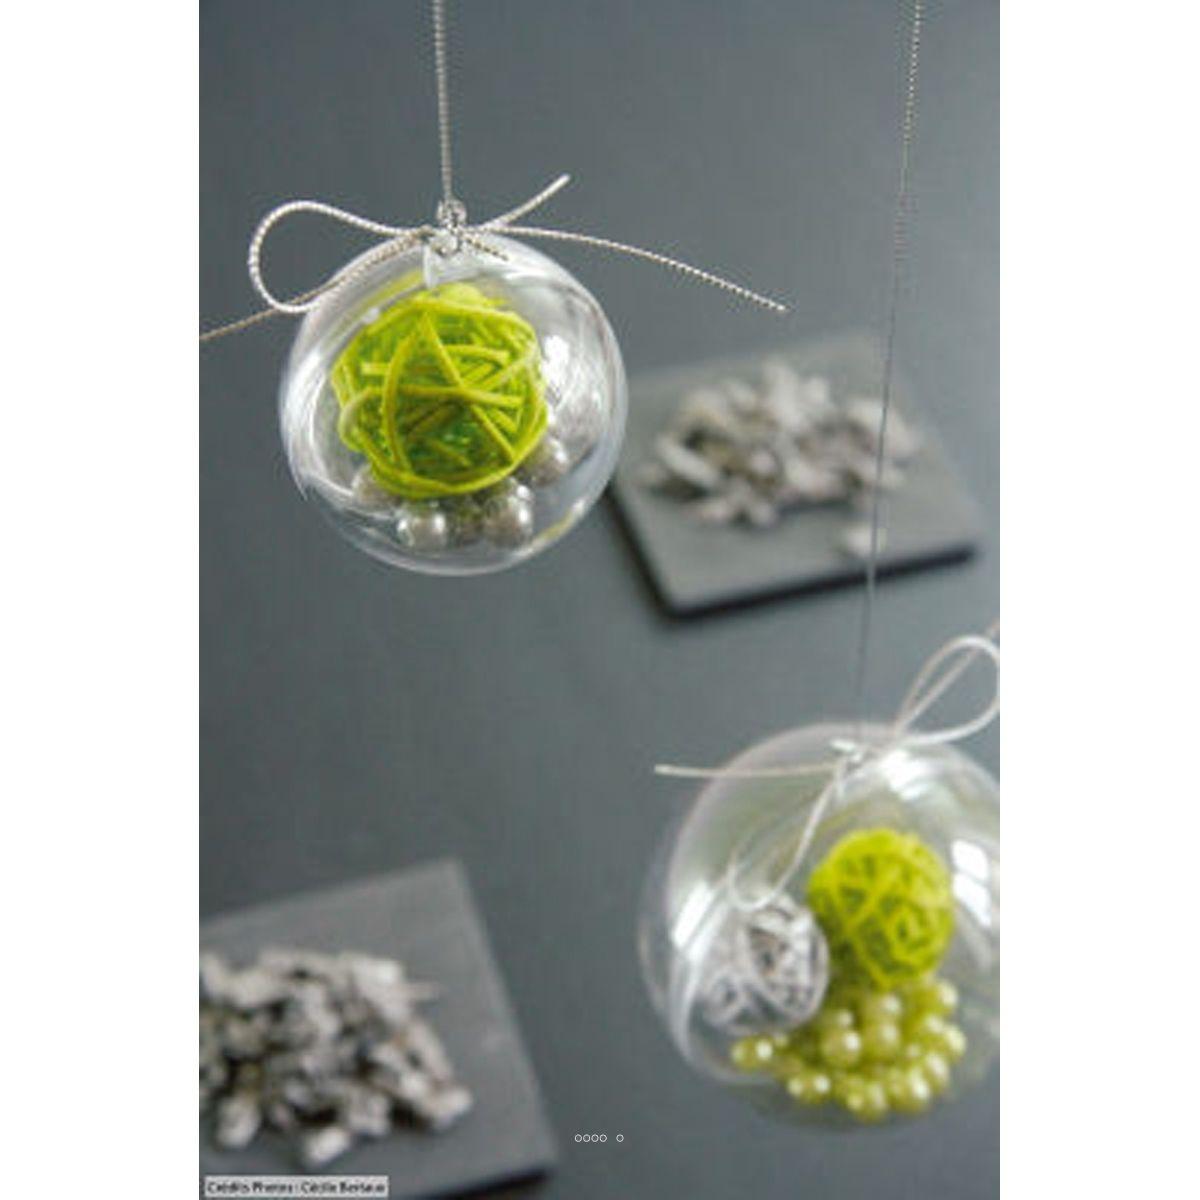 Boule PVC transparente à garnir D 5 cm - boule pvc transparente garnir: D 5 CM